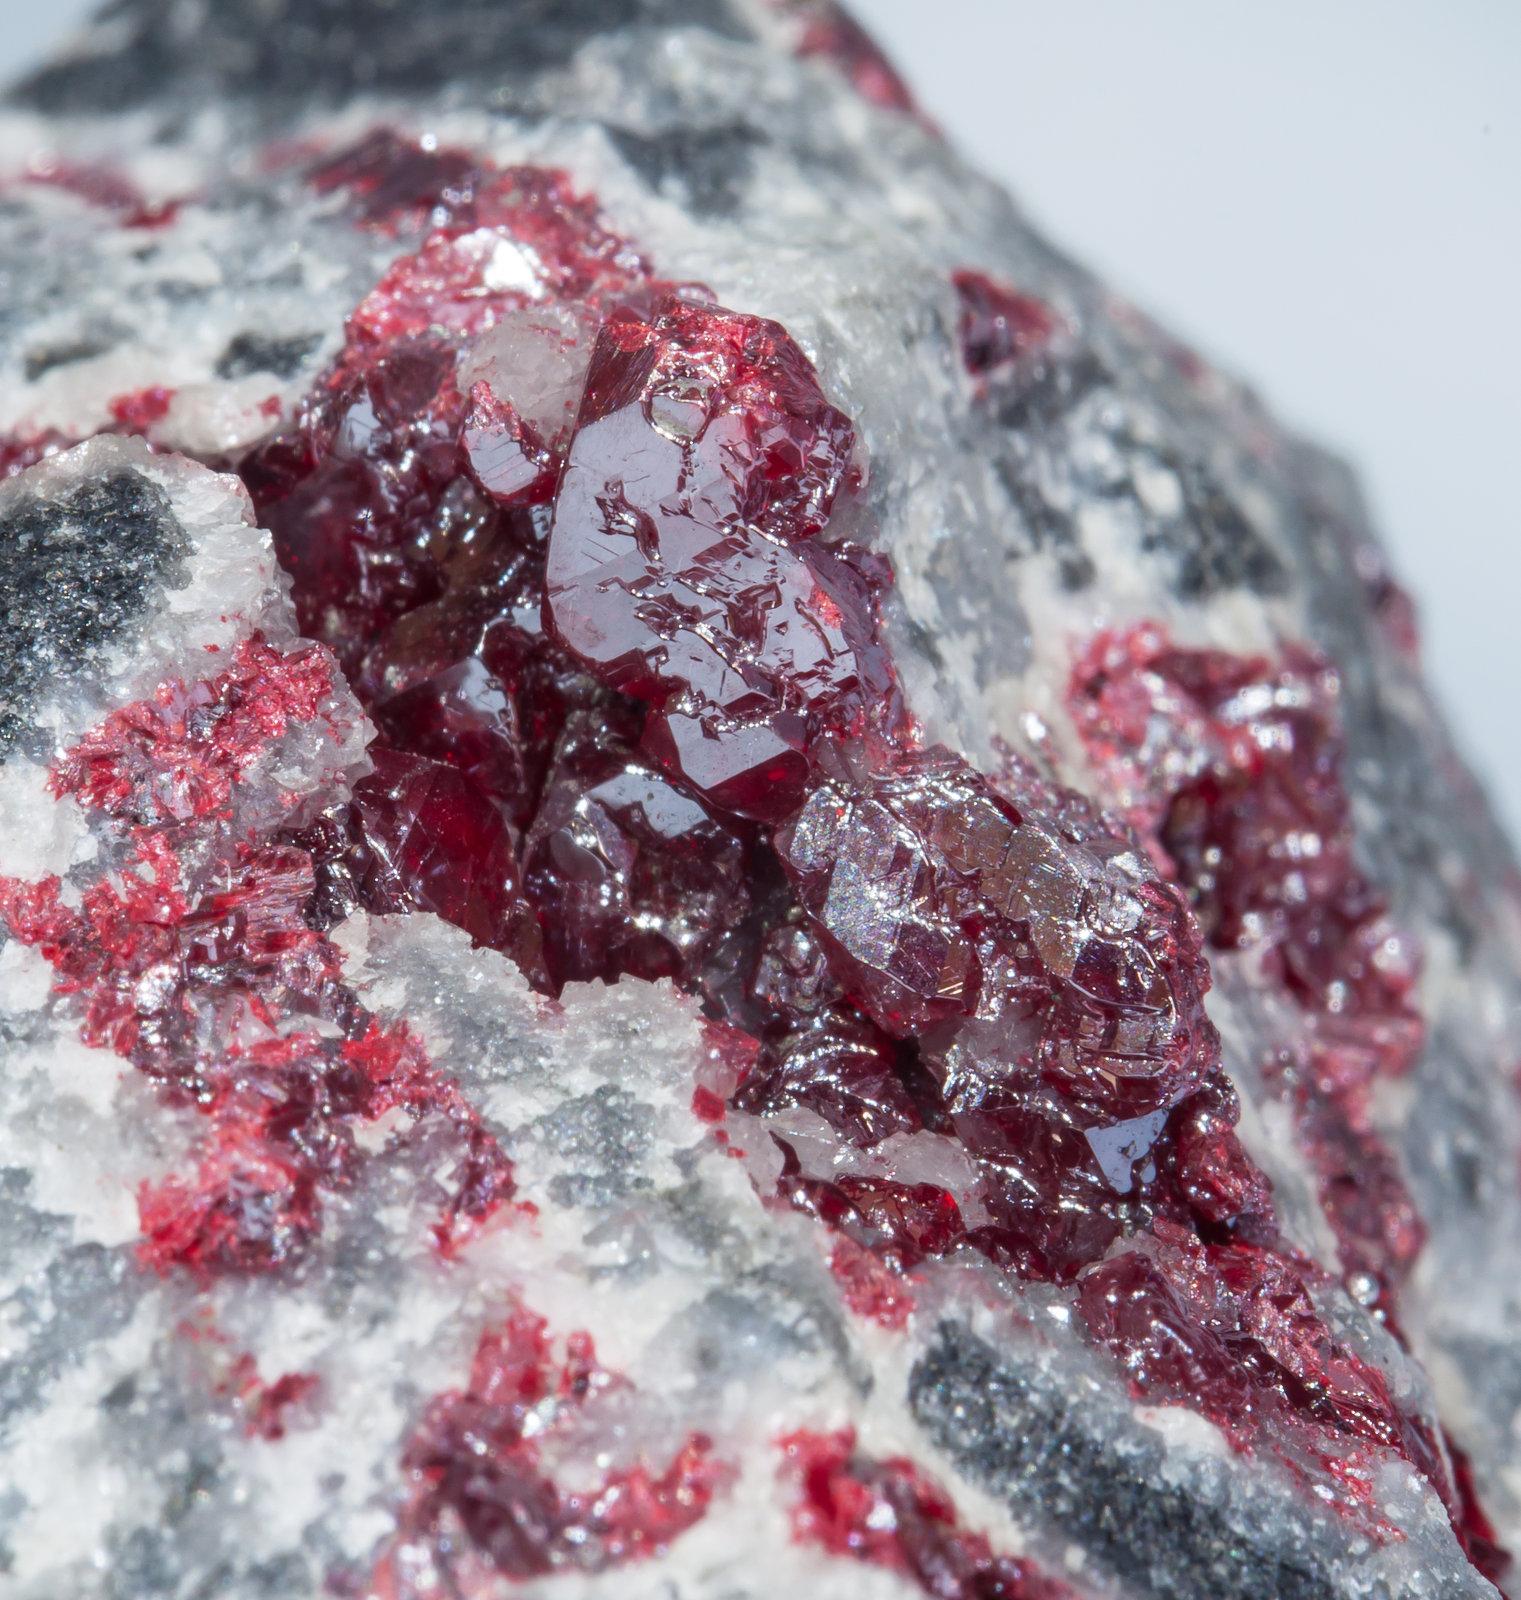 Киноварь: цвет минерала, формула химическая, фото, применение, происхождение